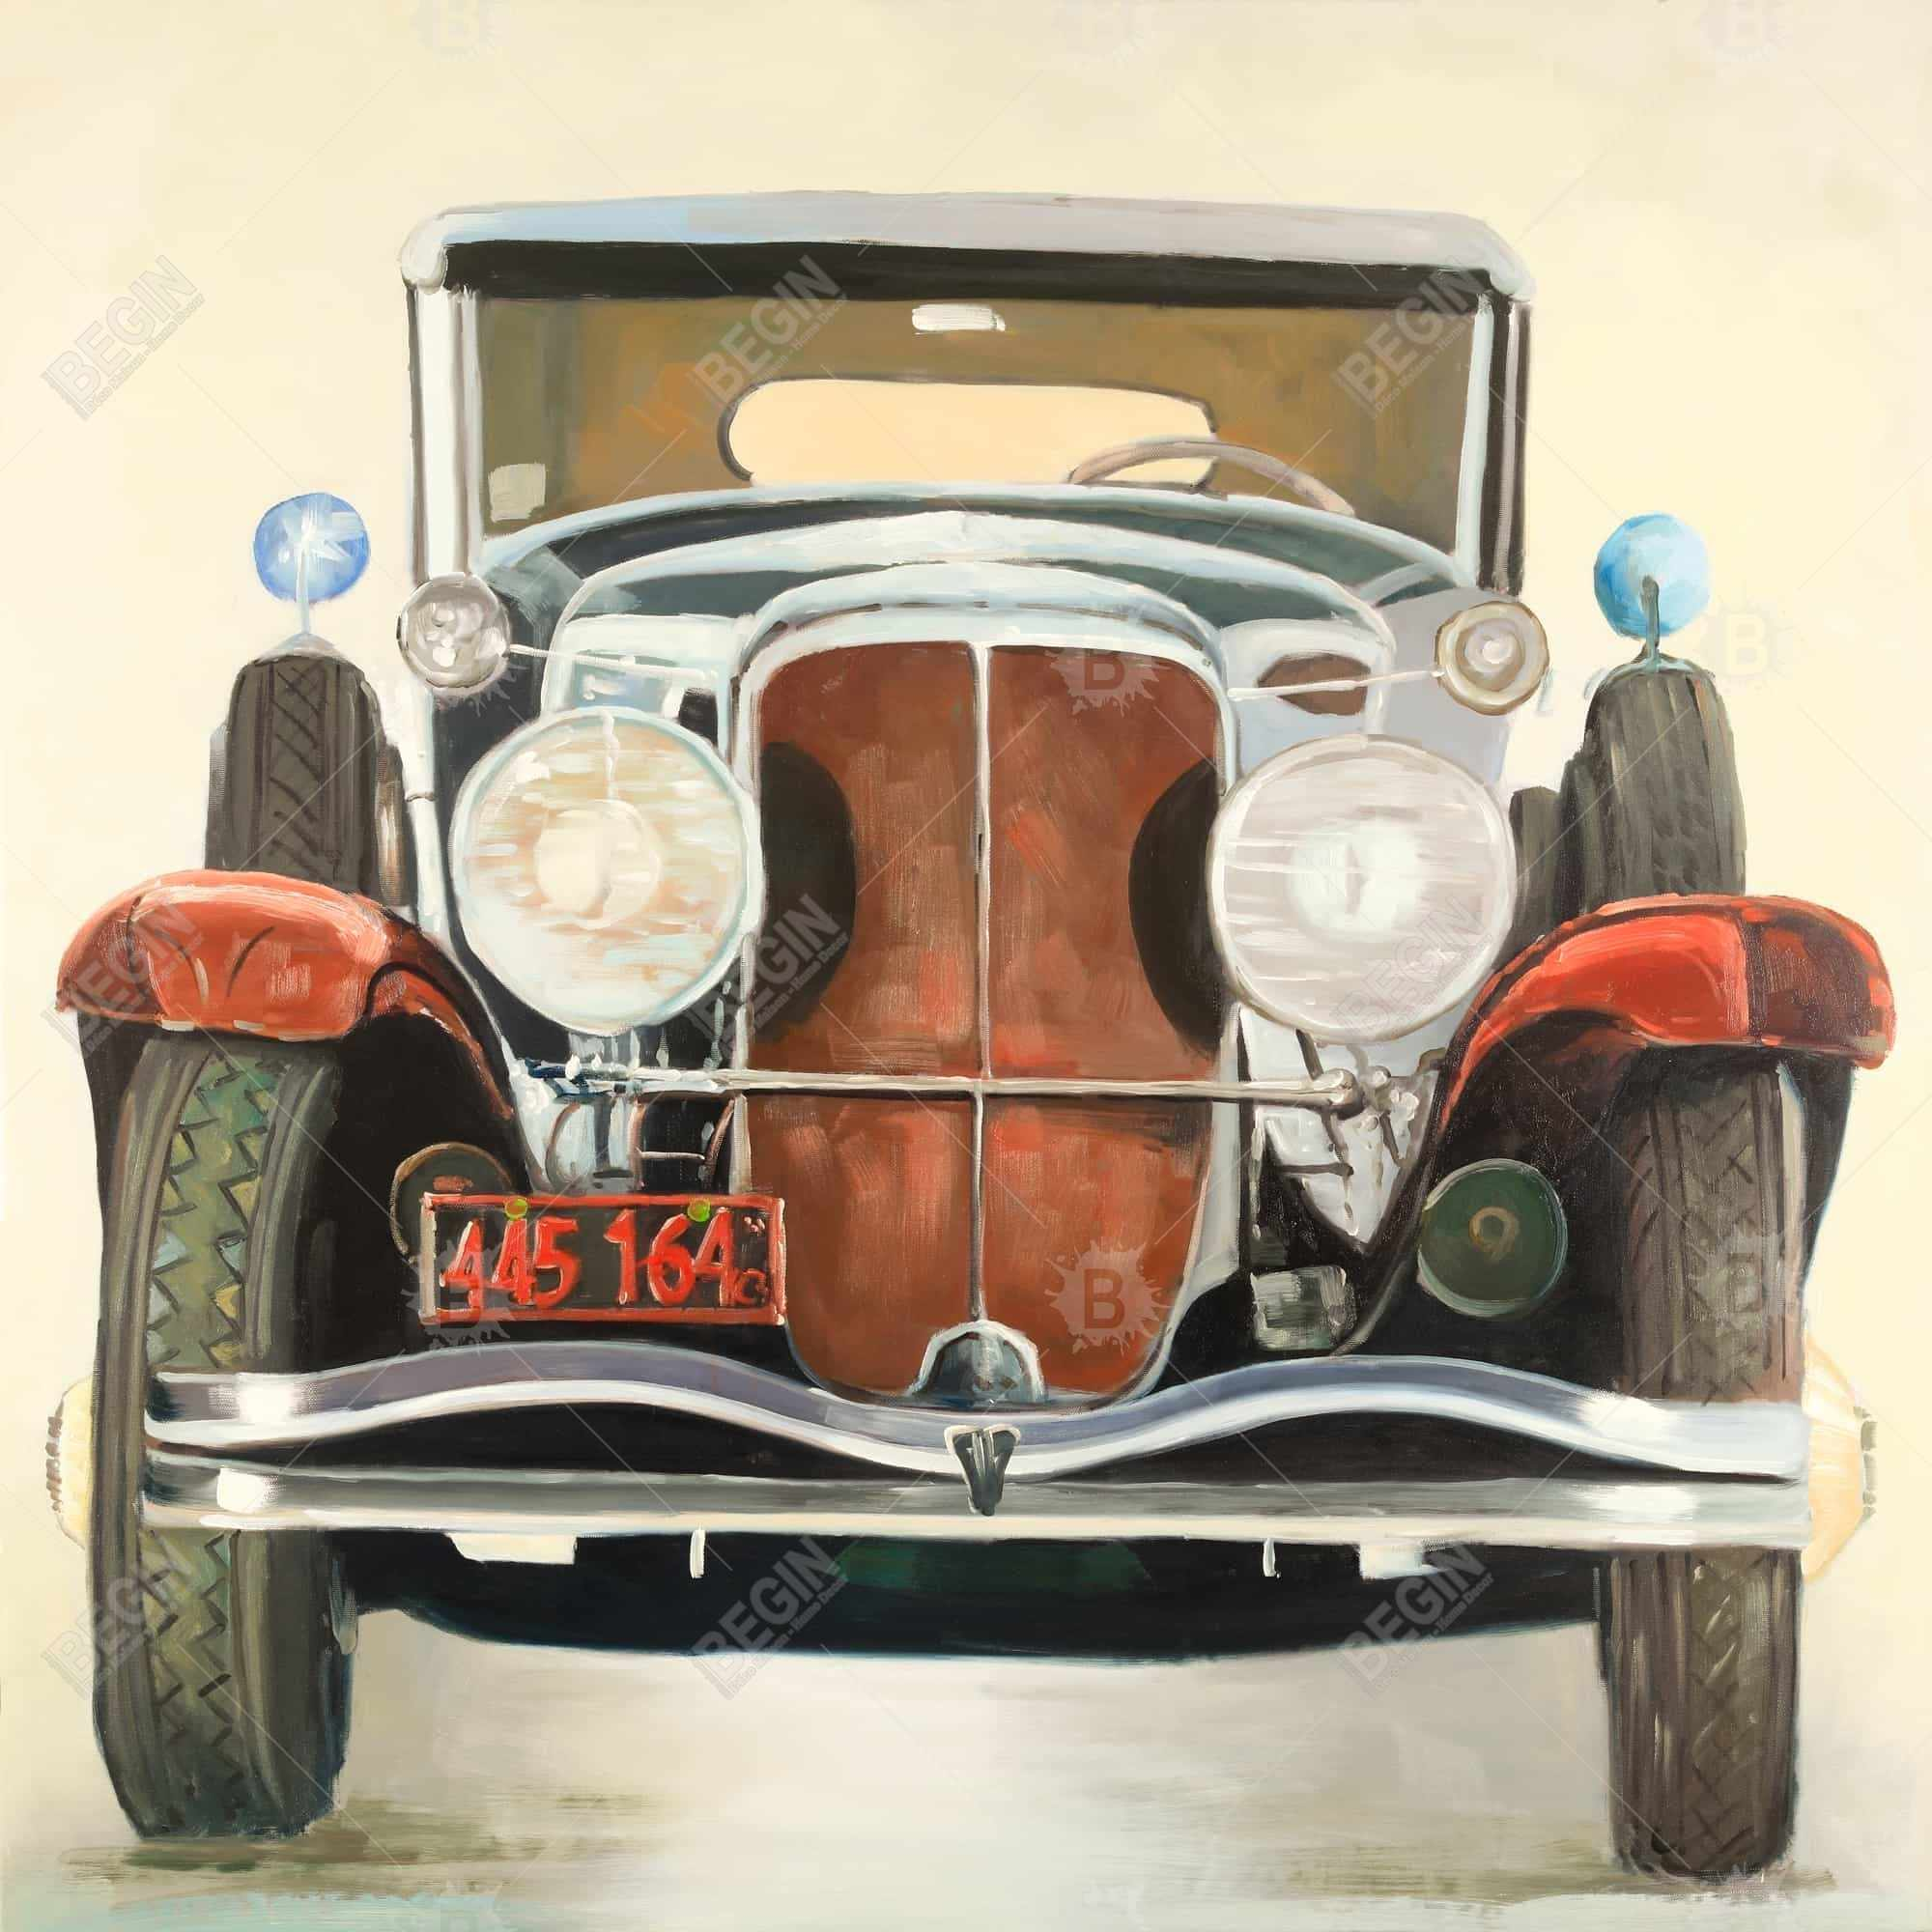 Vintage luxury car